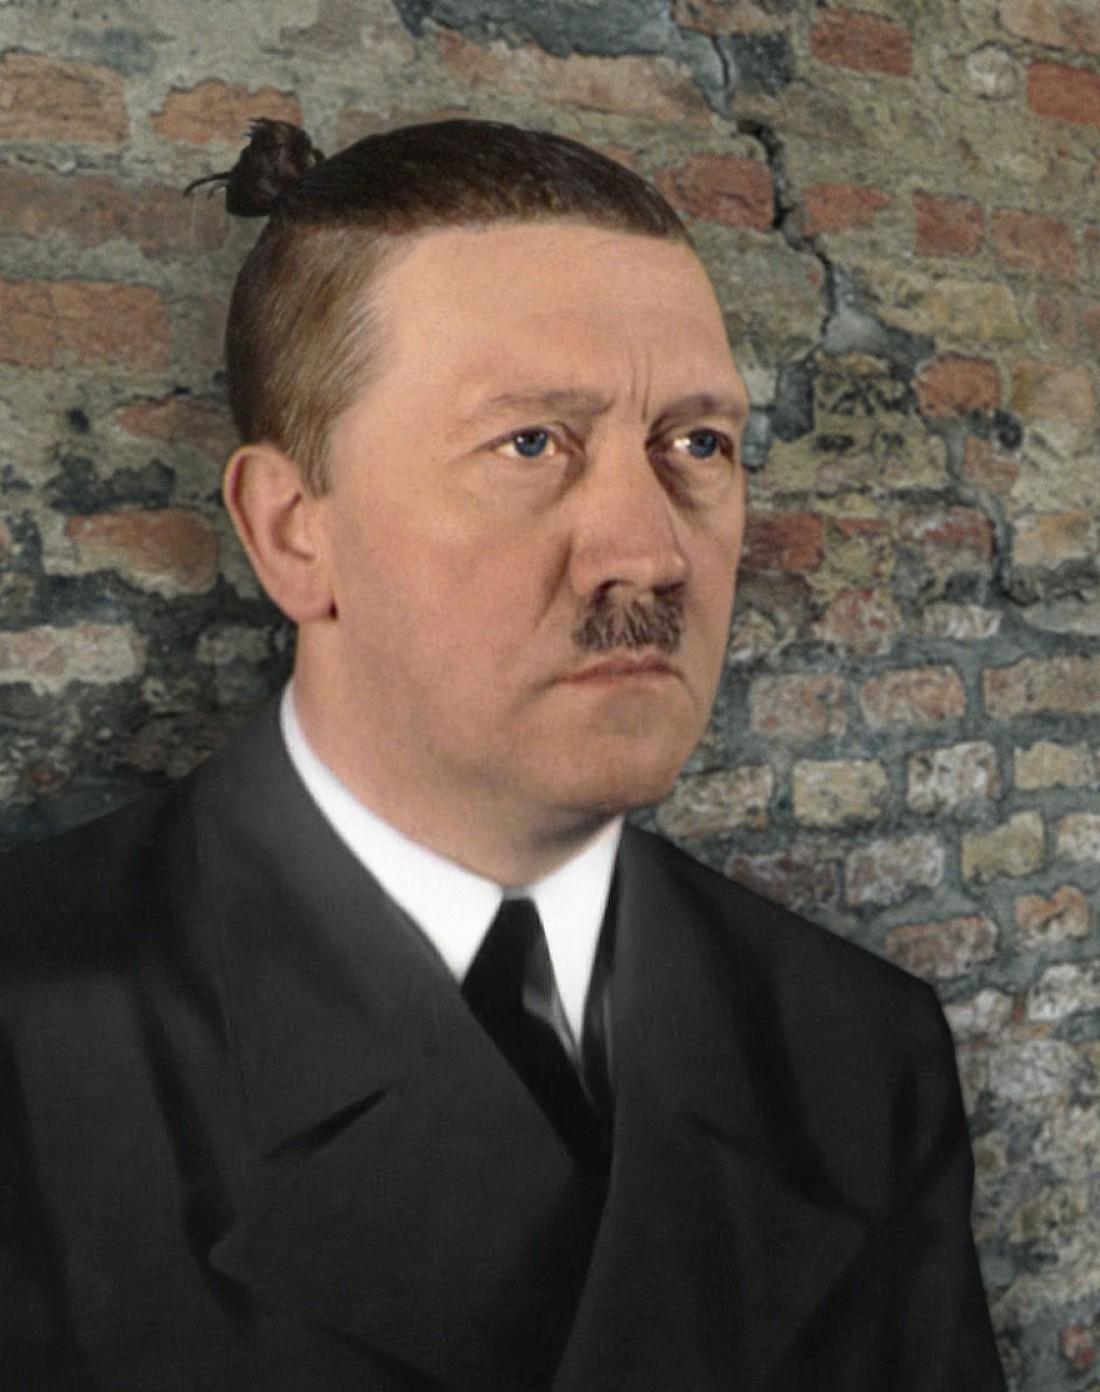 Адольф Гитлер — основоположник и центральная фигура национал-социализма, основатель тоталитарной диктатуры Третьего рейха, вождь Национал-социалистической немецкой рабочей партии, рейхсканцлер Германии